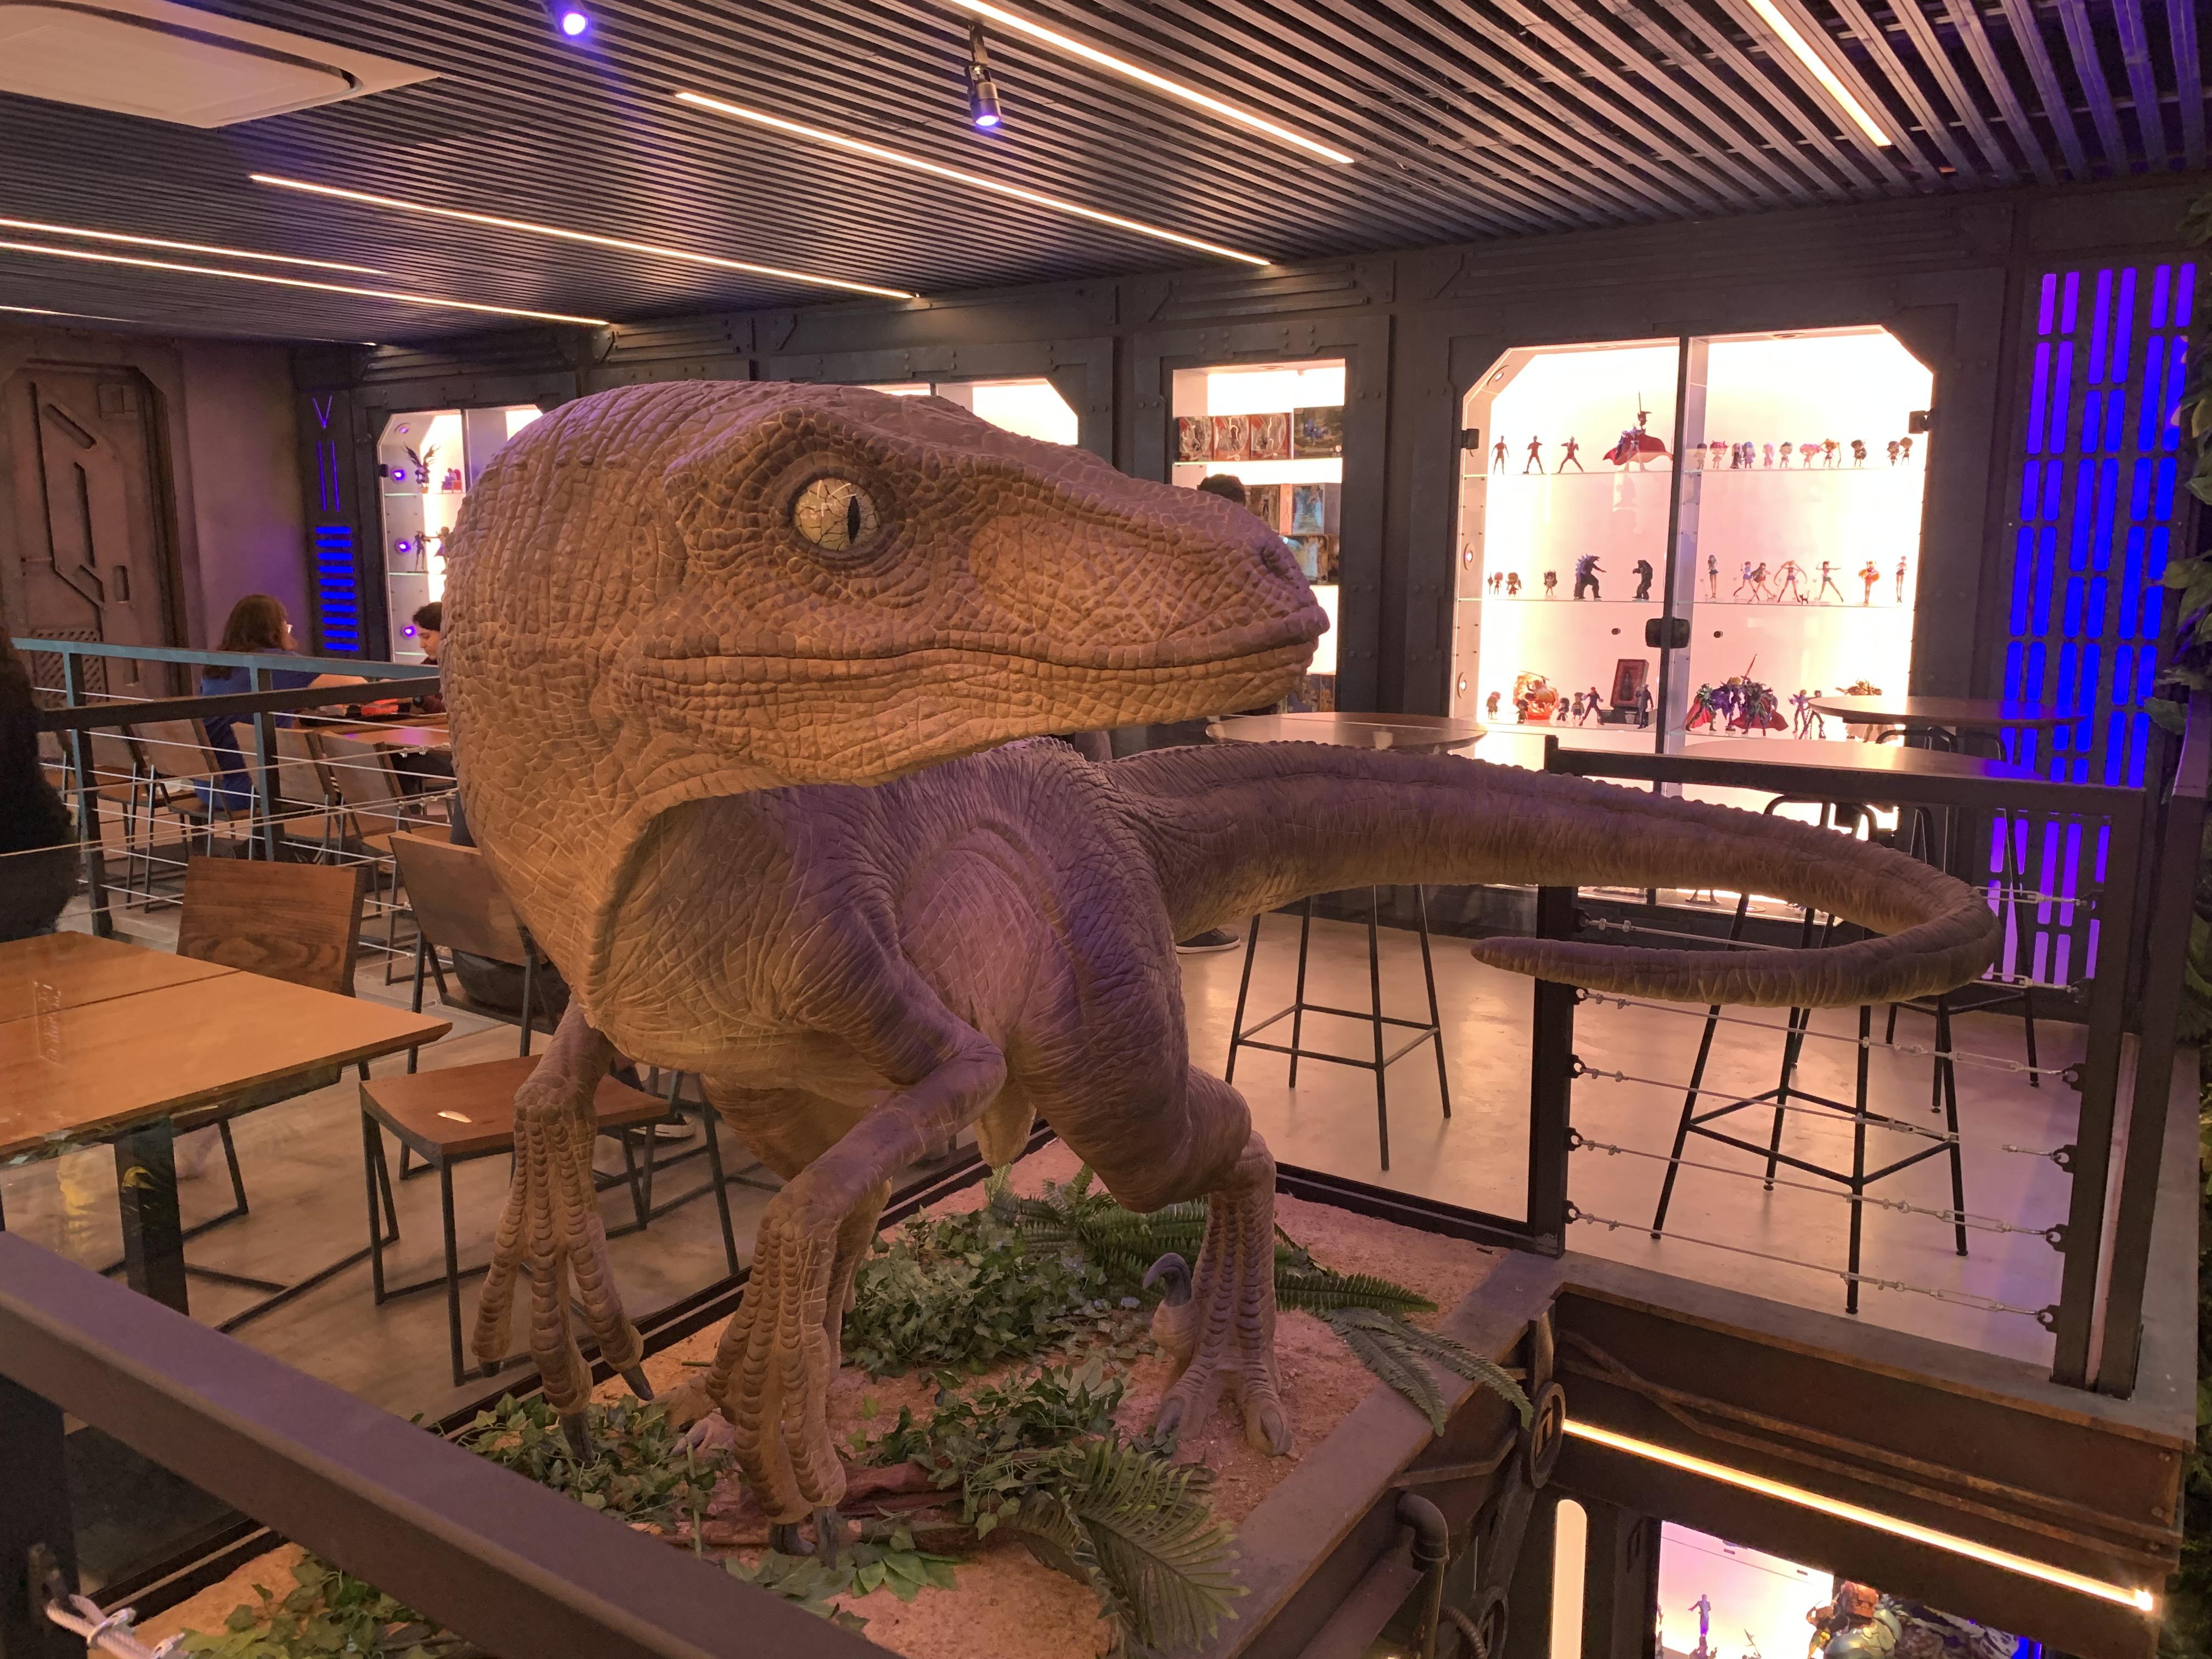 Réplica de um velociraptor olhando para o lado sobre suporte.